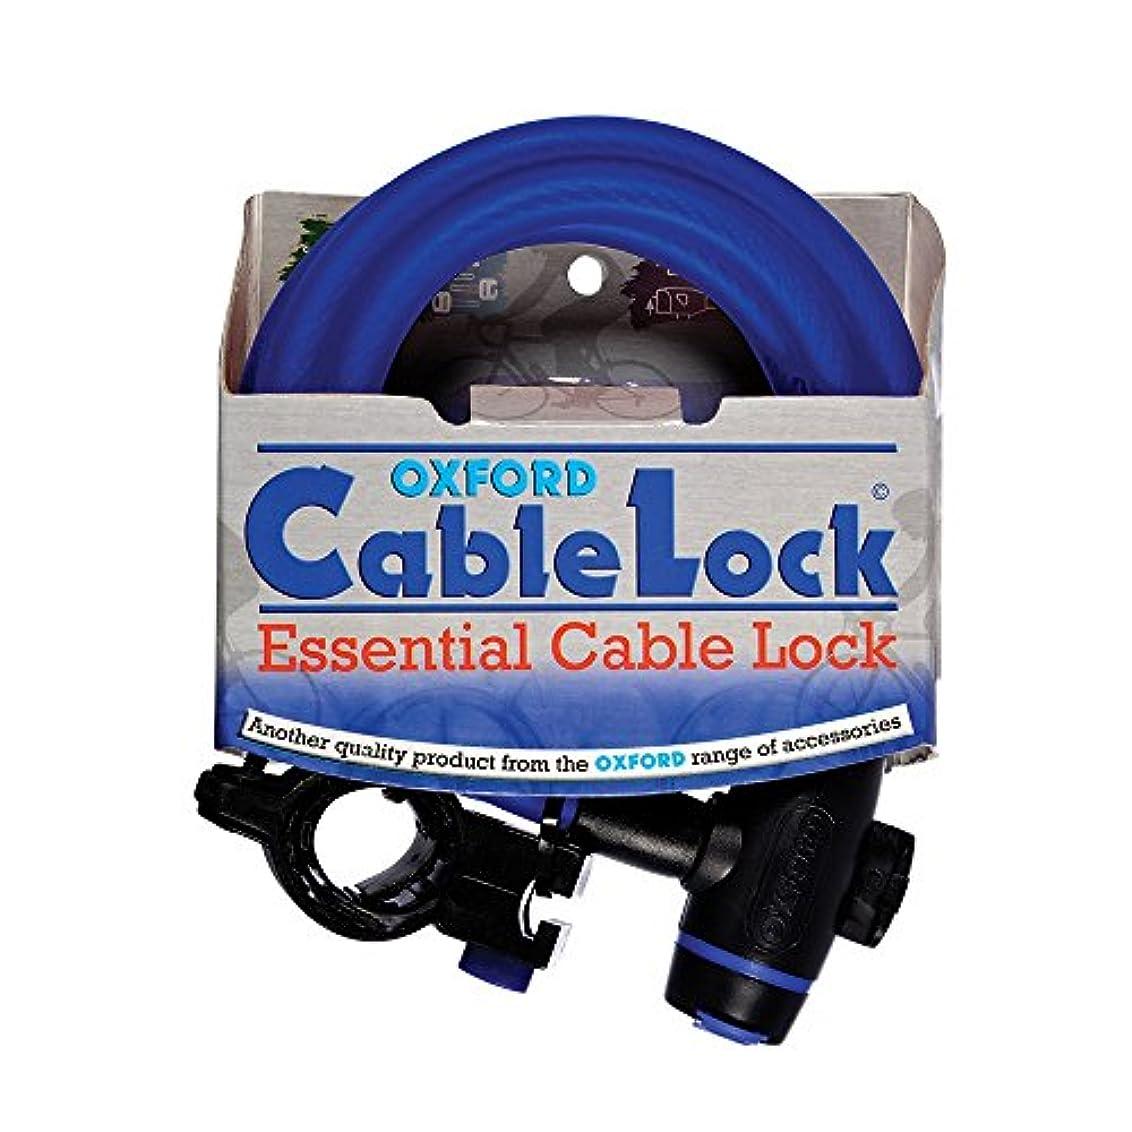 畝間ロッカー独裁オックスフォード(OXFORD) バイク用チェーンロック ケーブルロック 1.8m ブルー Q5K-LIK-002-458